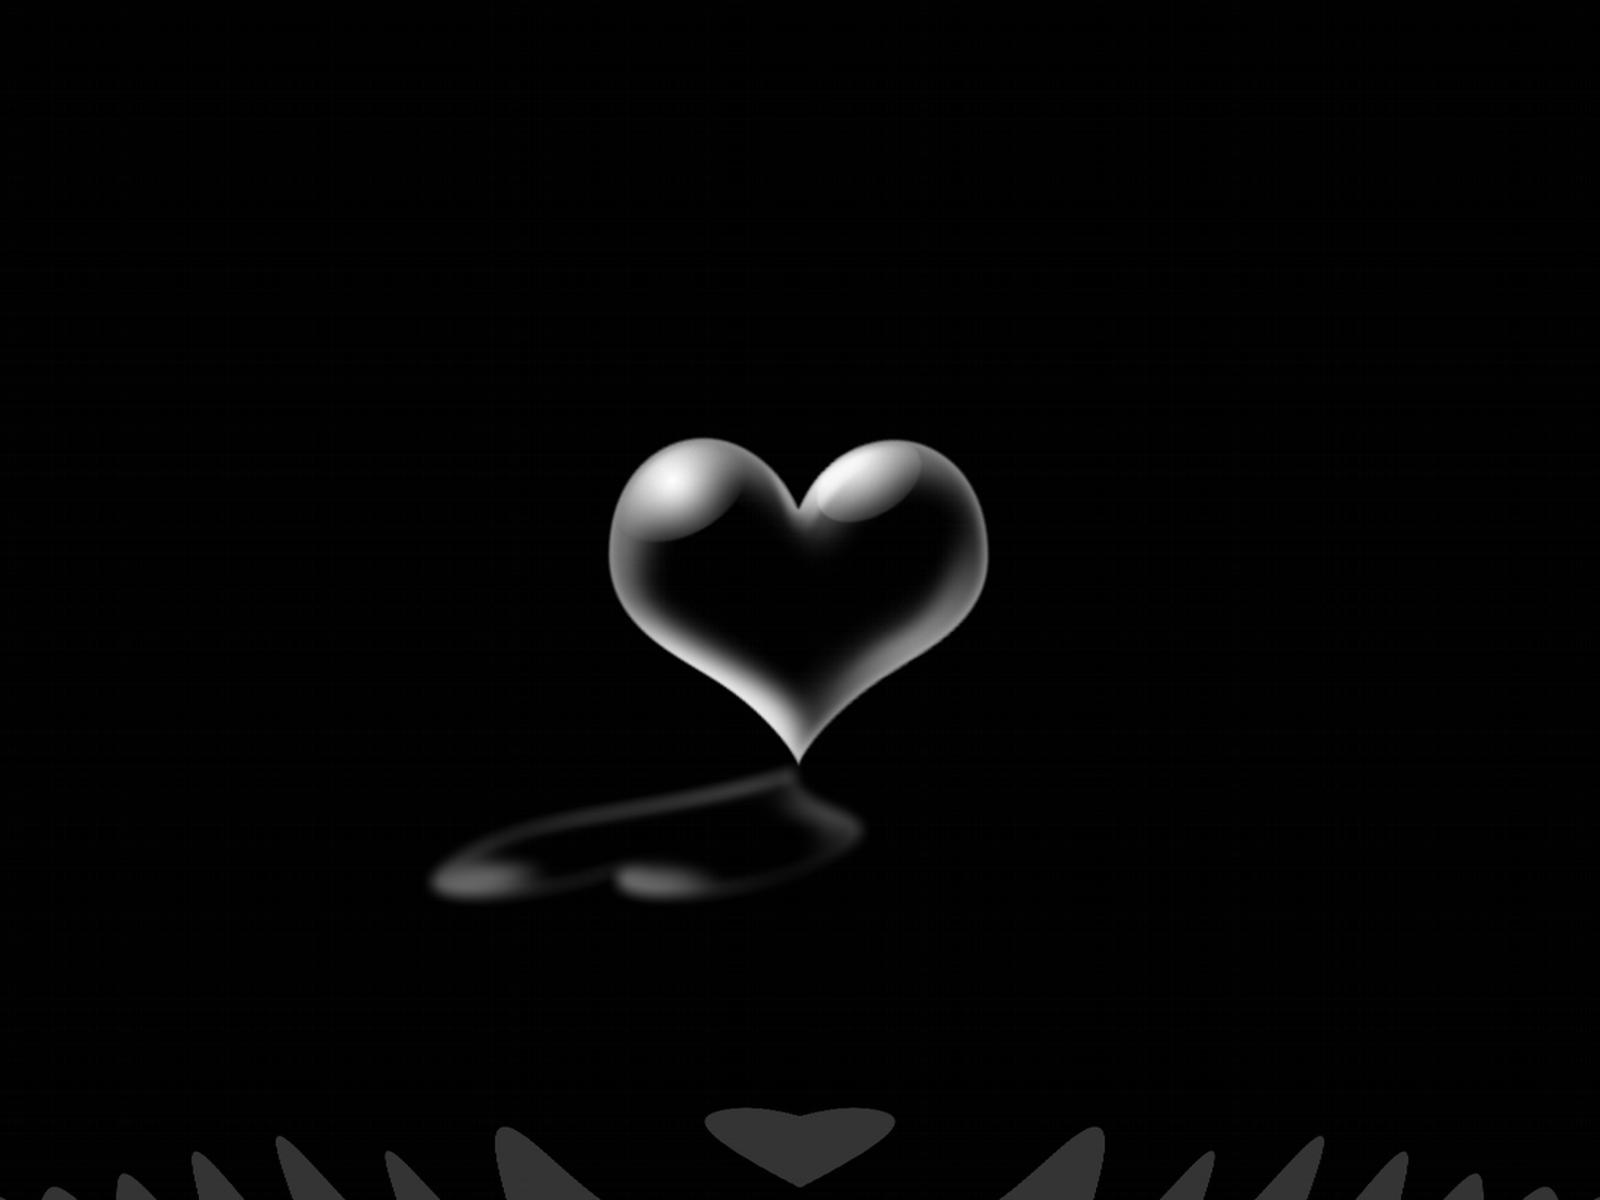 صورة صور قلوب سوداء , اشكال قلوب حزينة باللون الاسود 703